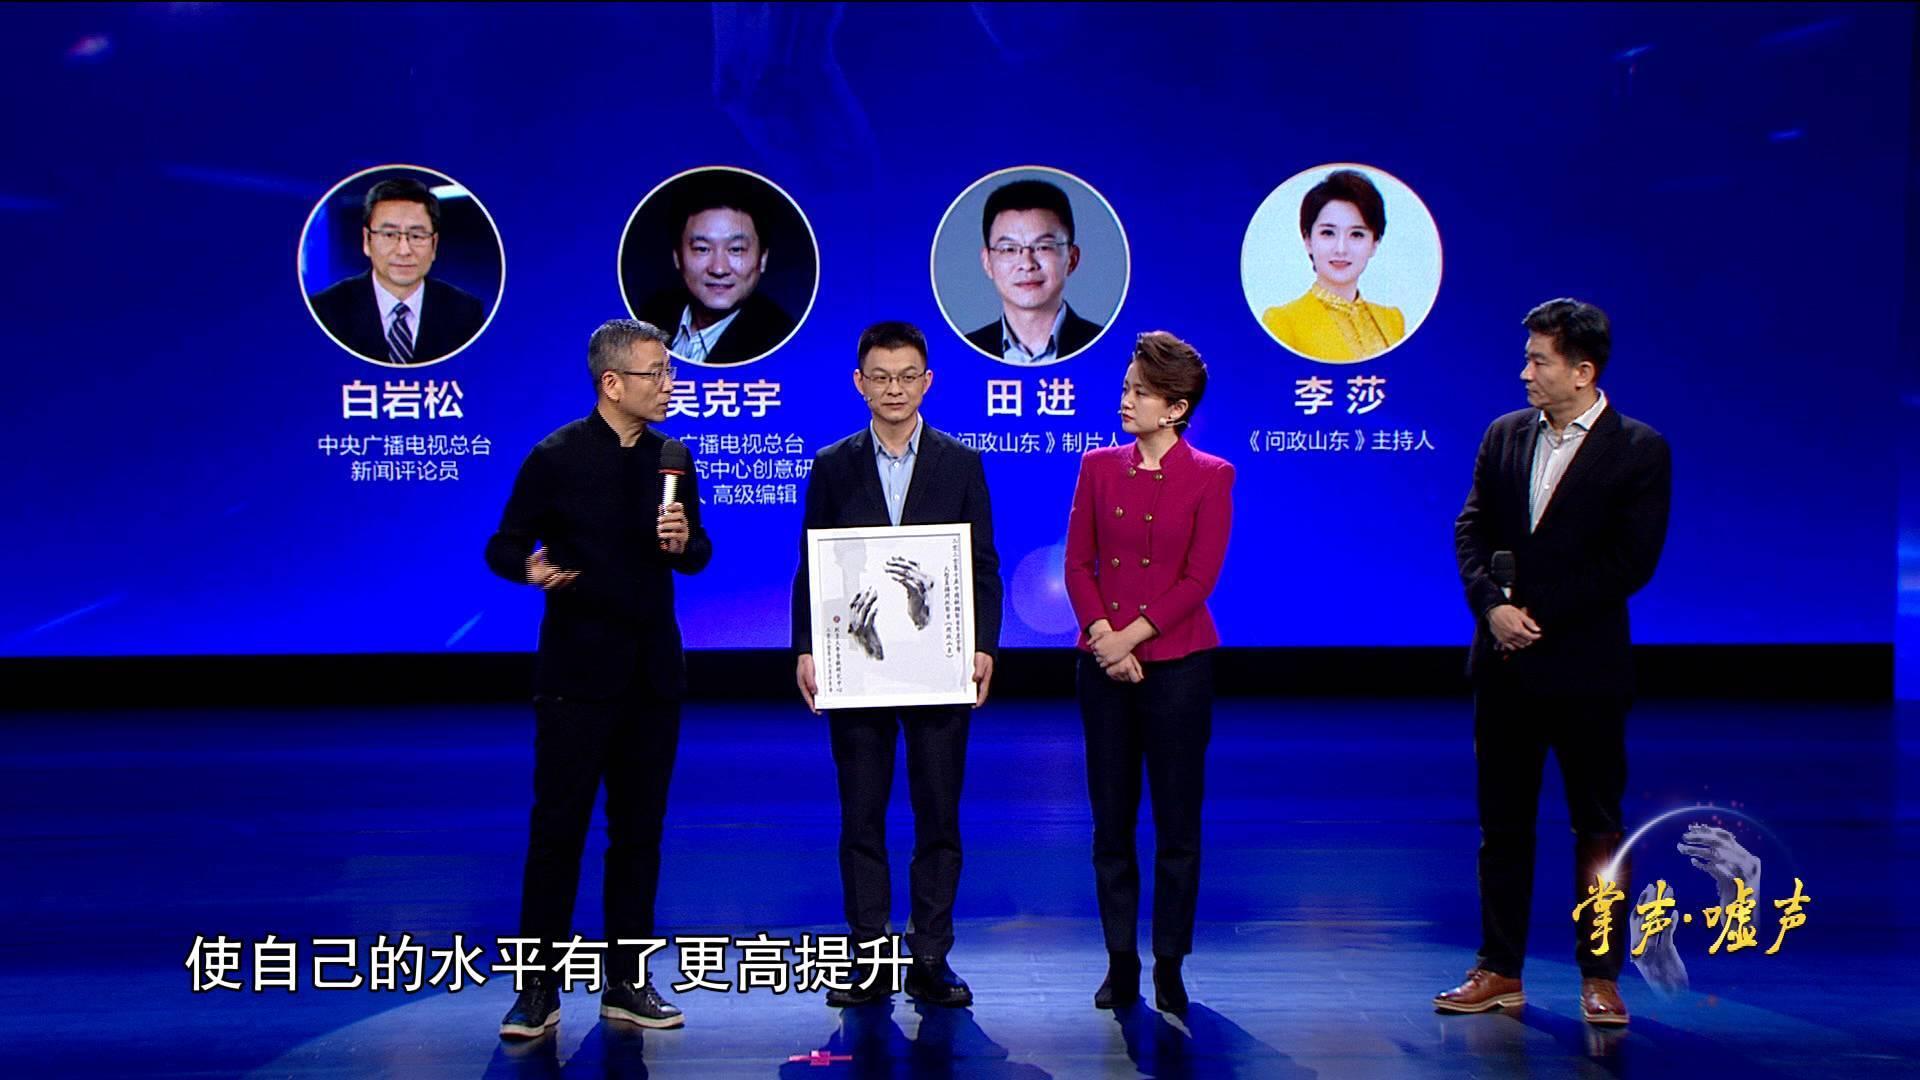 """2020中国视频节目年度""""掌声·嘘声""""丨专家话《问政山东》:这是新时代民主参政议政非常好的探索和实践"""